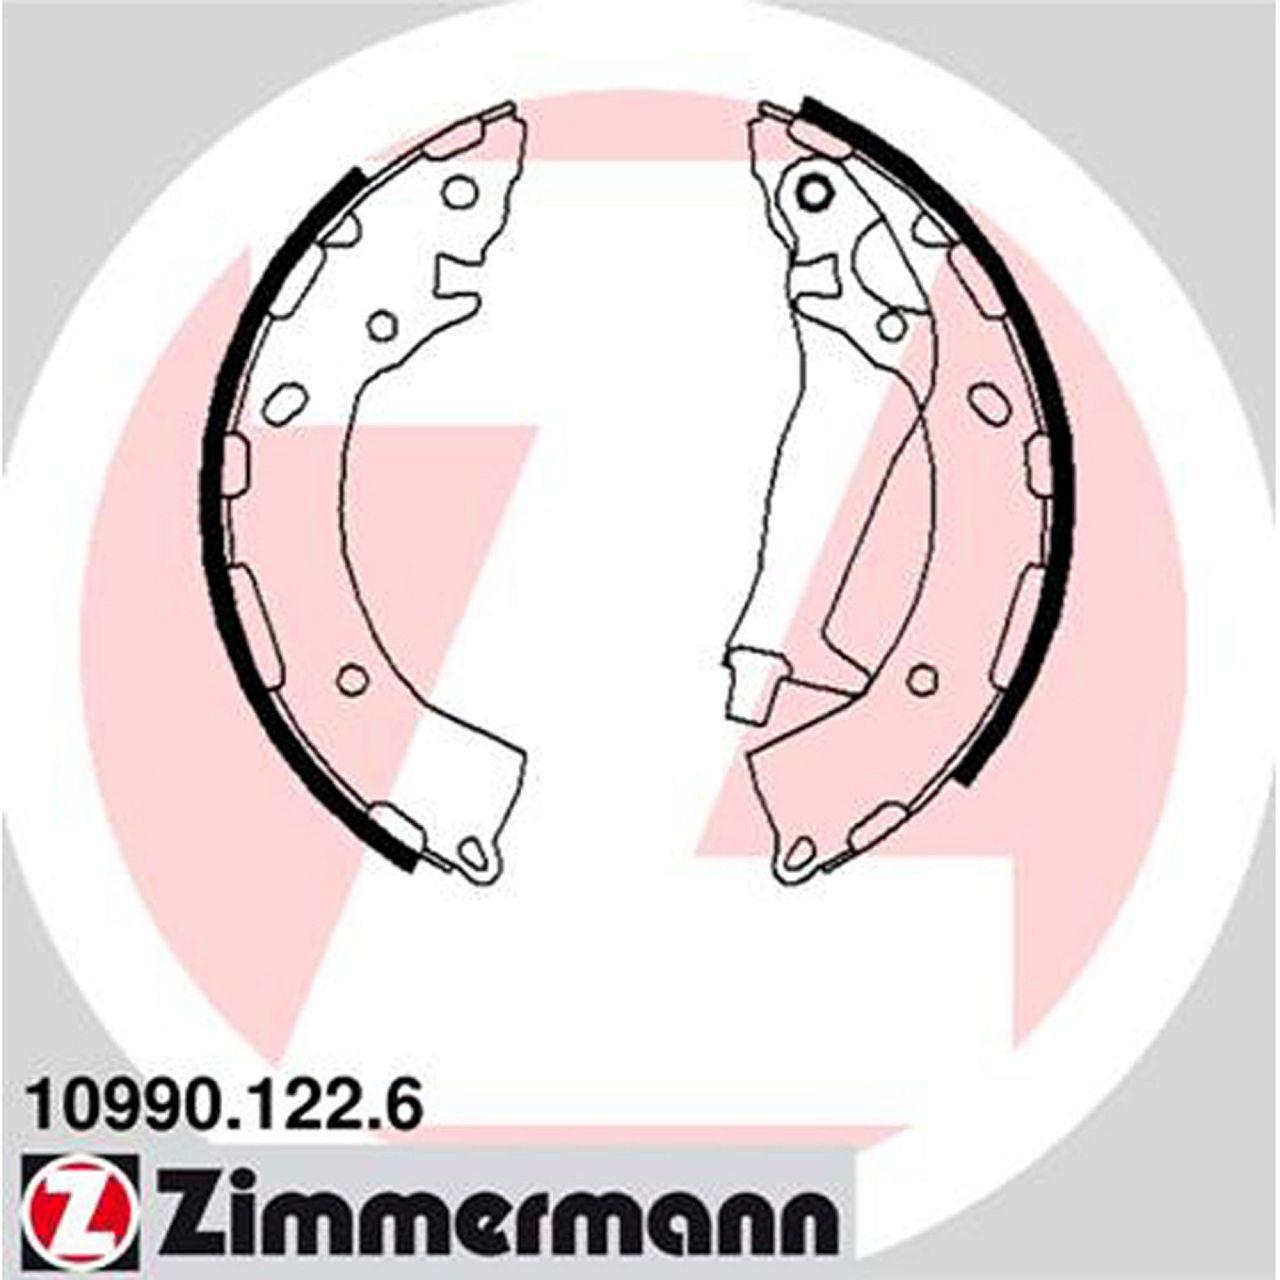 ZIMMERMANN Bremsbacken Satz für Hyundai Getz (TB) 1.1 1.3/i 1.4i 1.5i 1.5CRDi